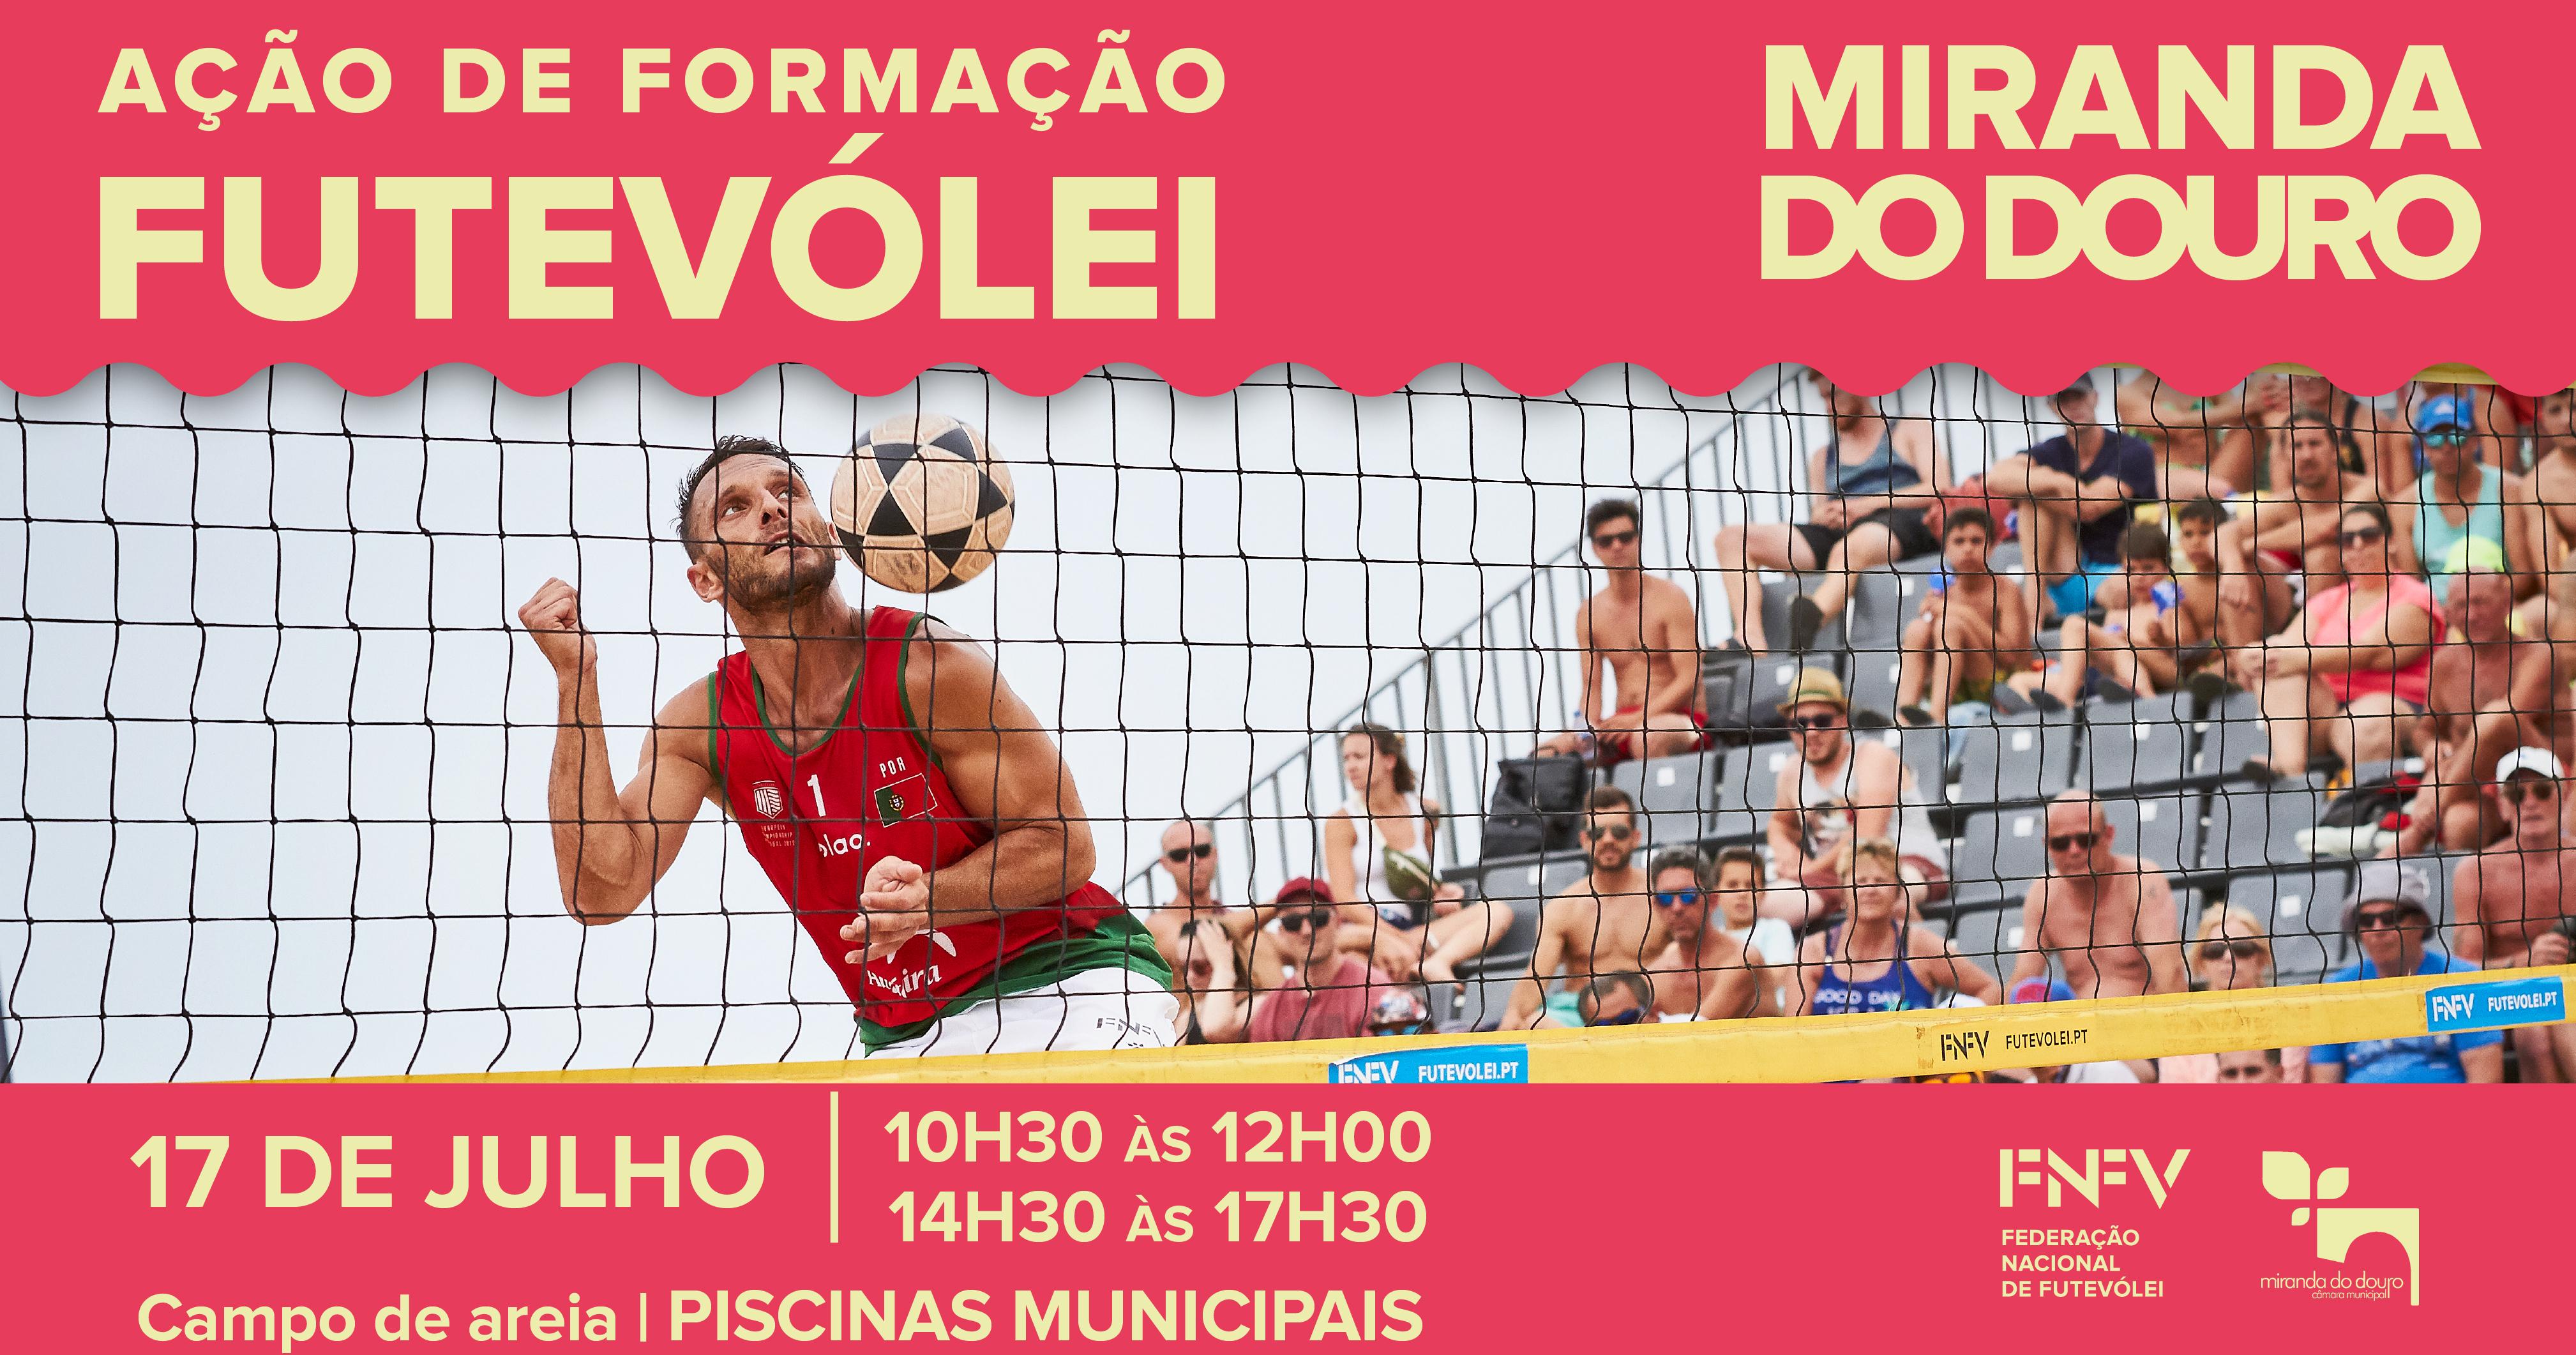 Mirando do Douro acolhe ação de formação de Futevólei